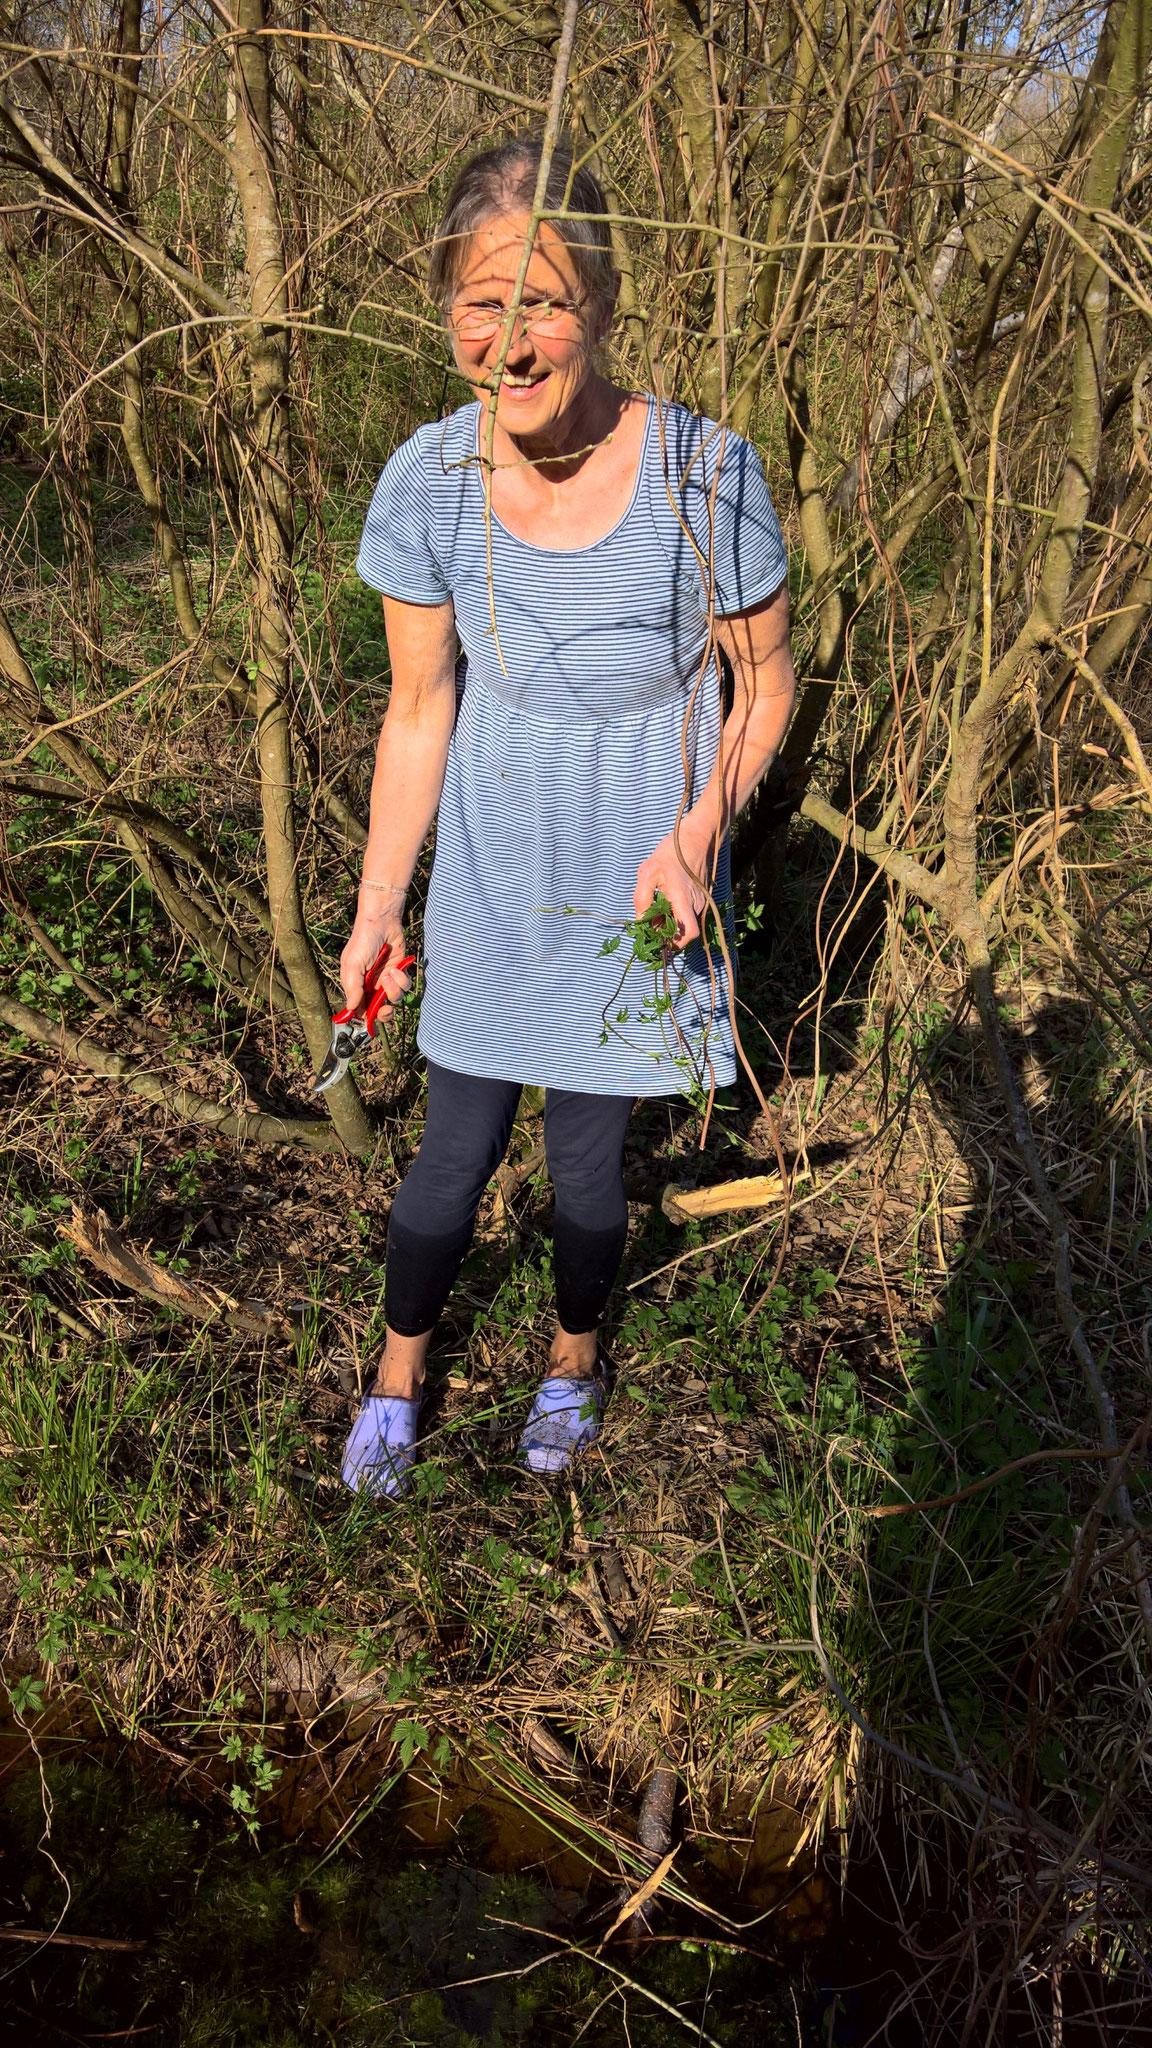 Annette beim Wildpflanzen sammeln - sie scheut kein wildes Wasser